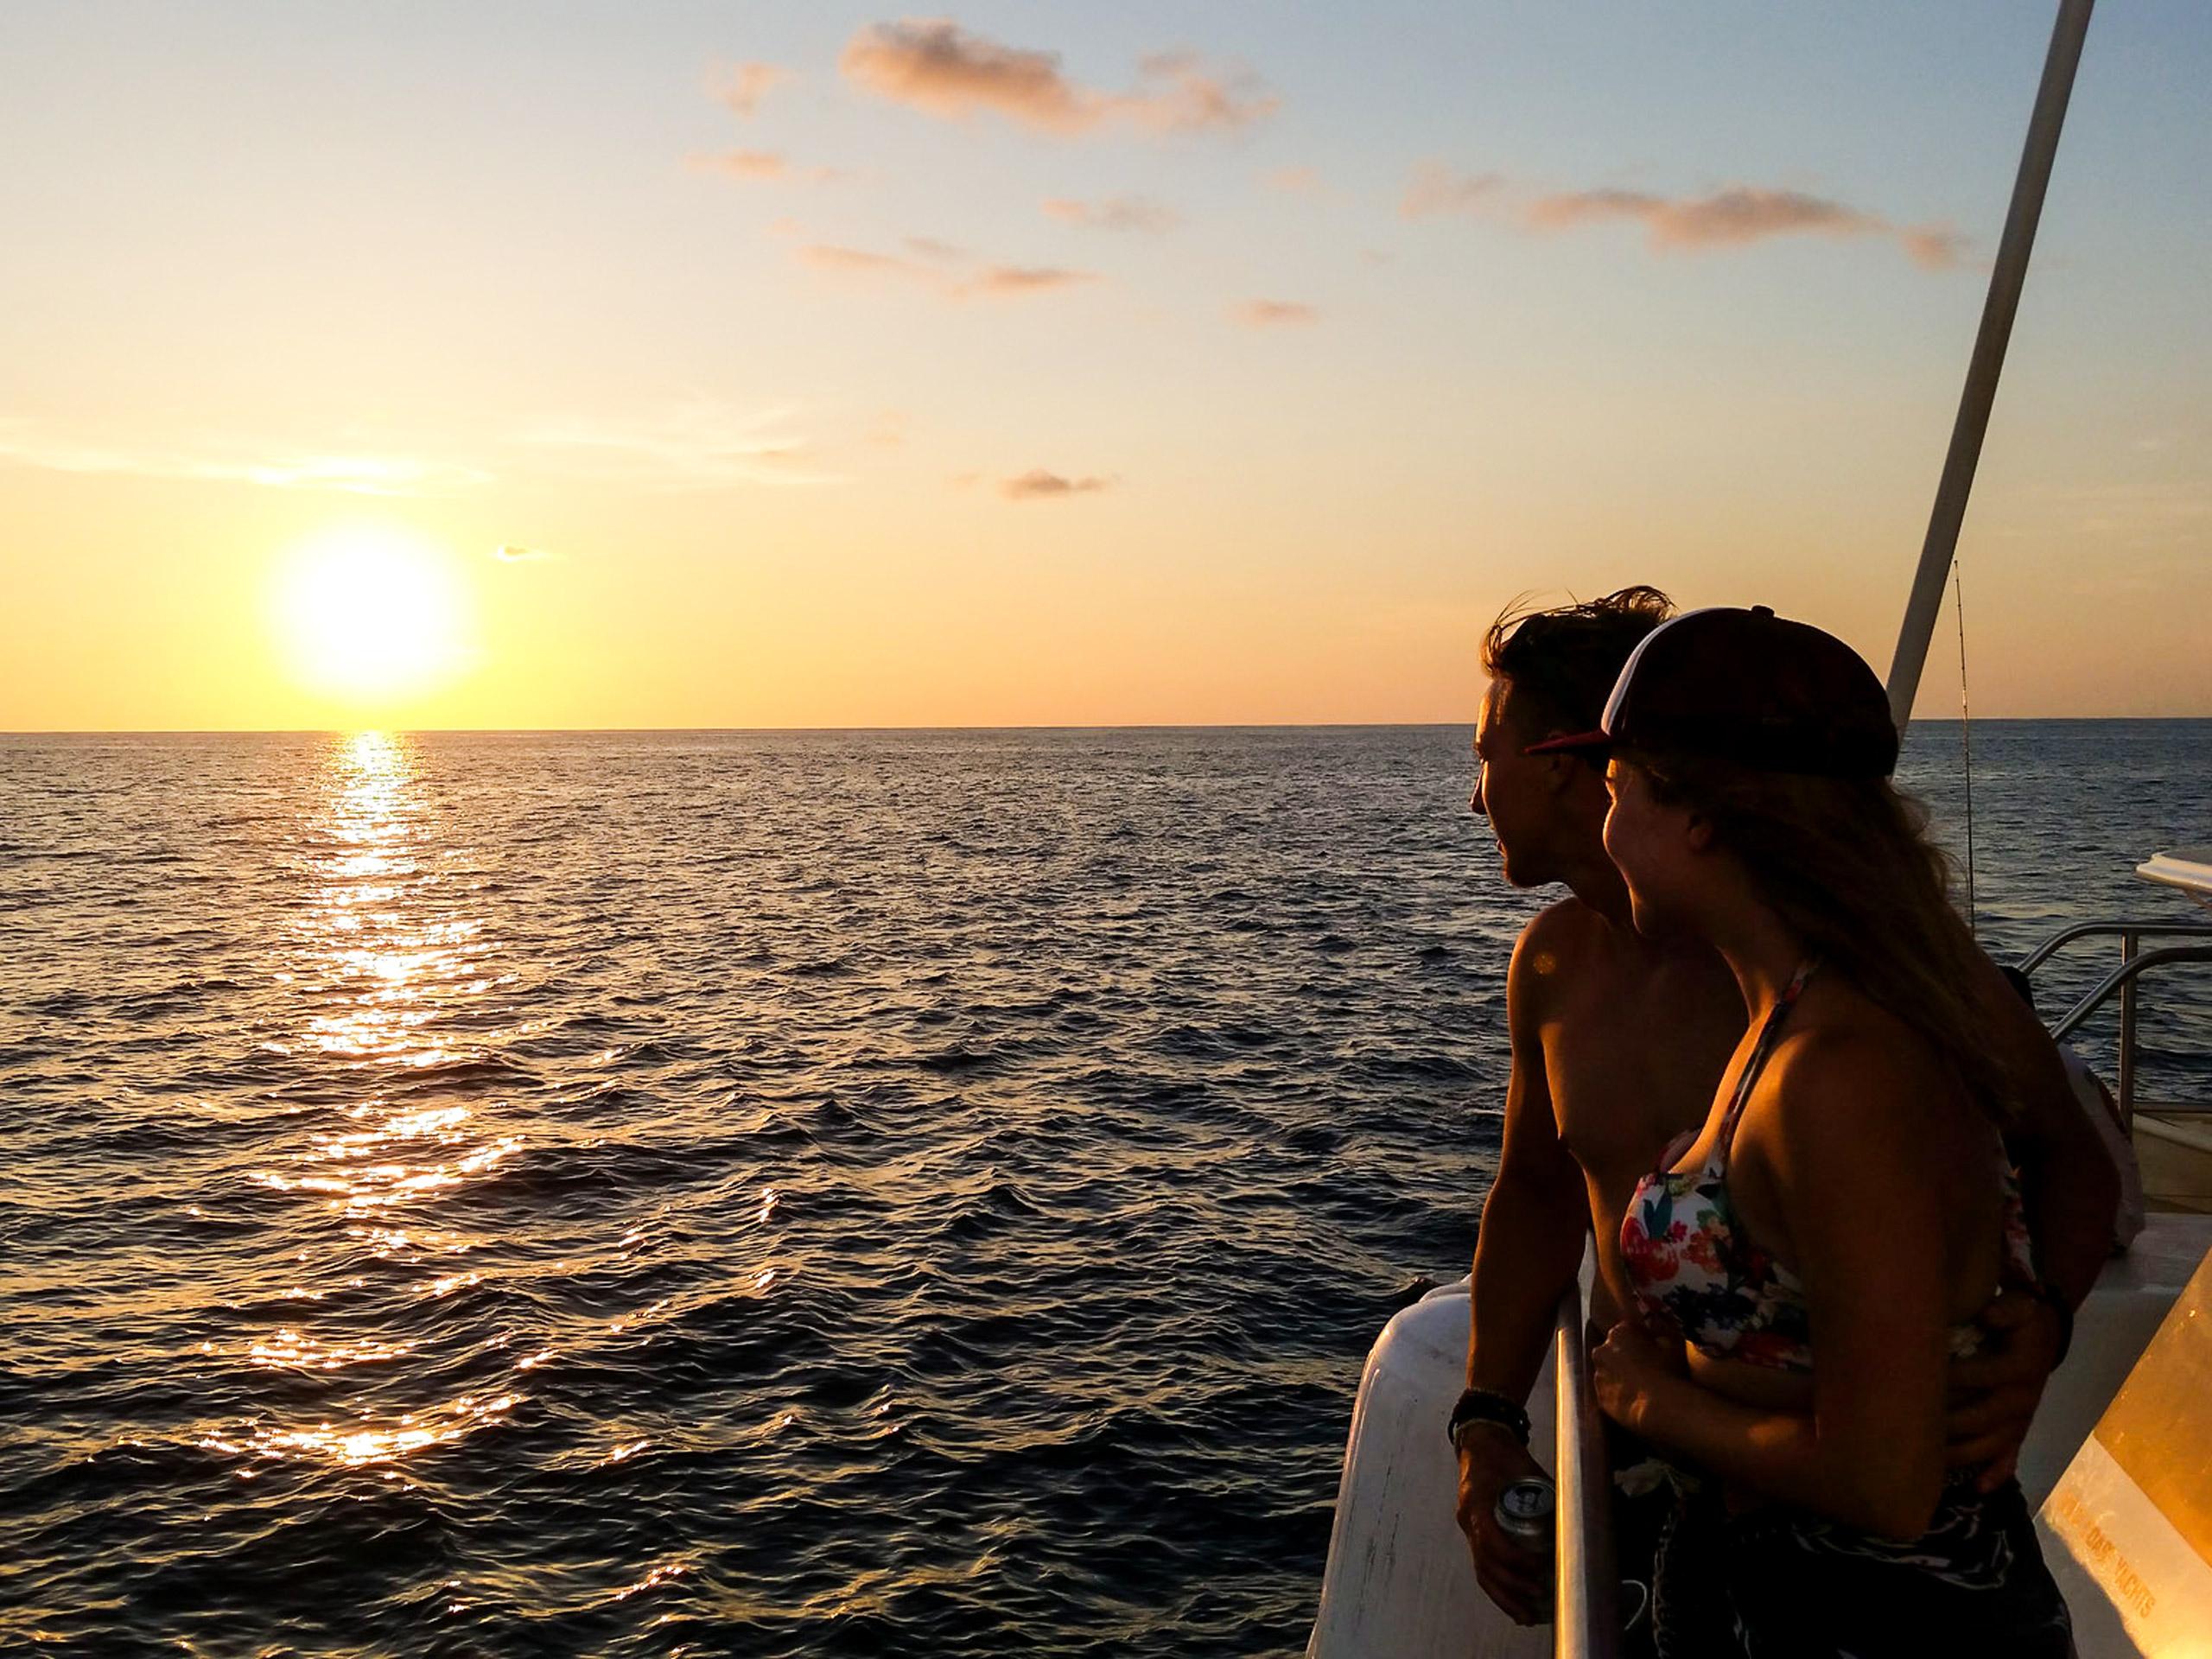 Sunset lights sea walking on the catamaran